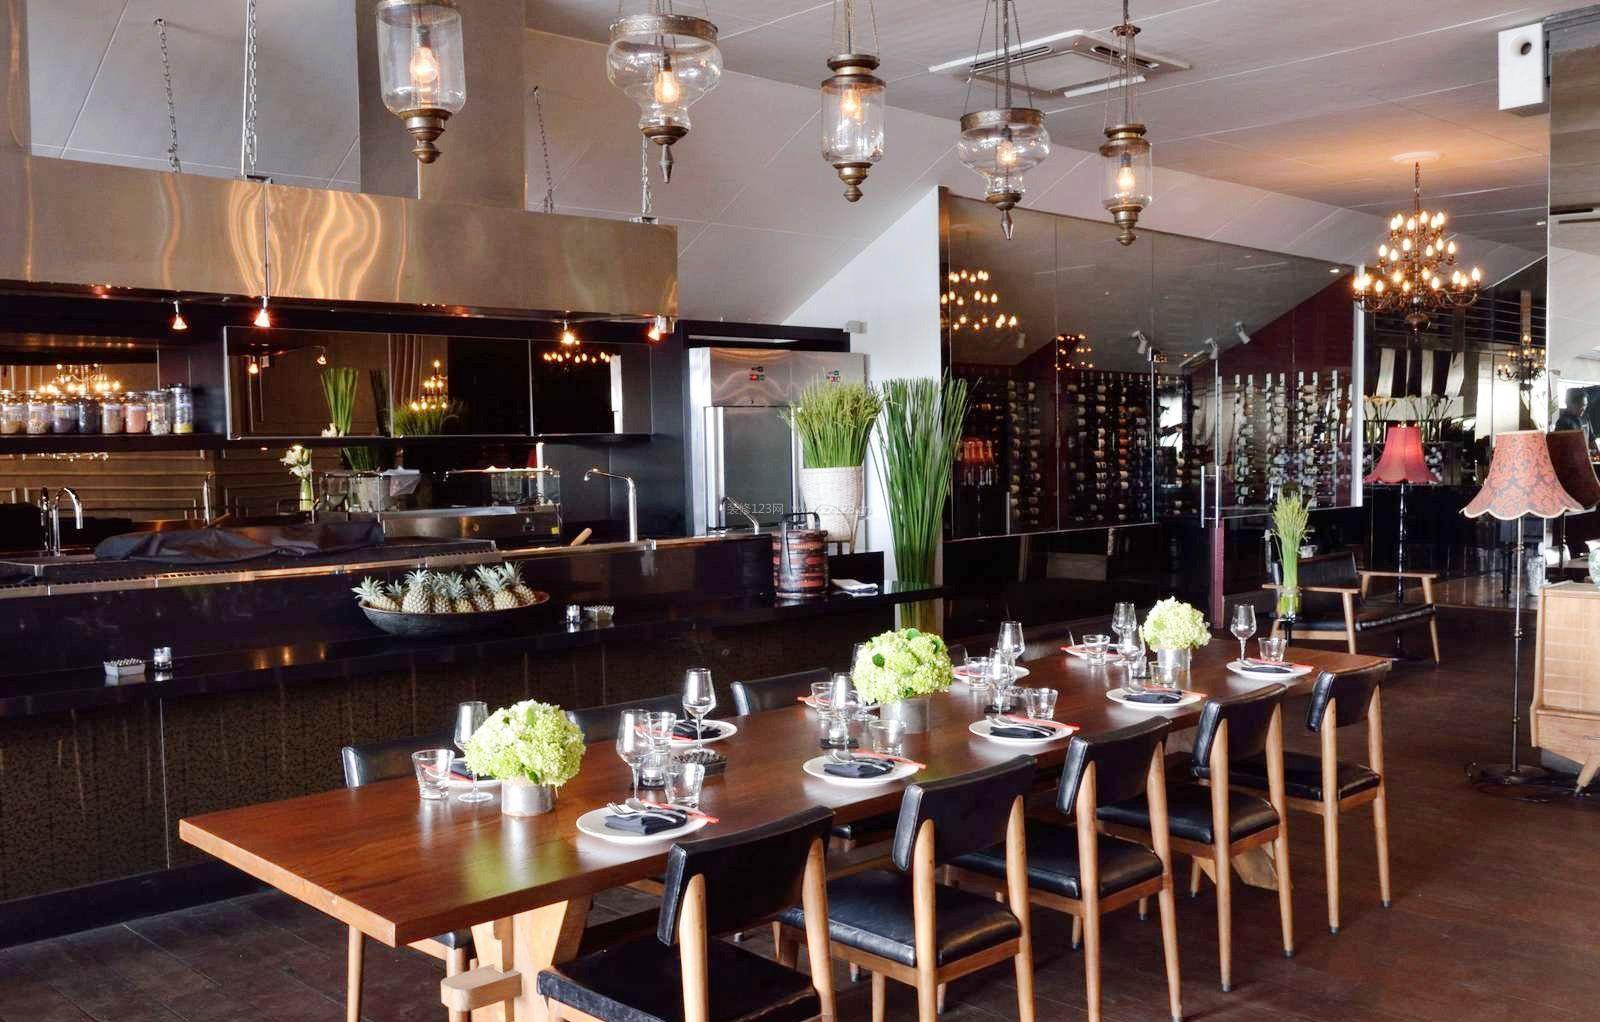 东南亚饭店餐厅吧台装修效果图